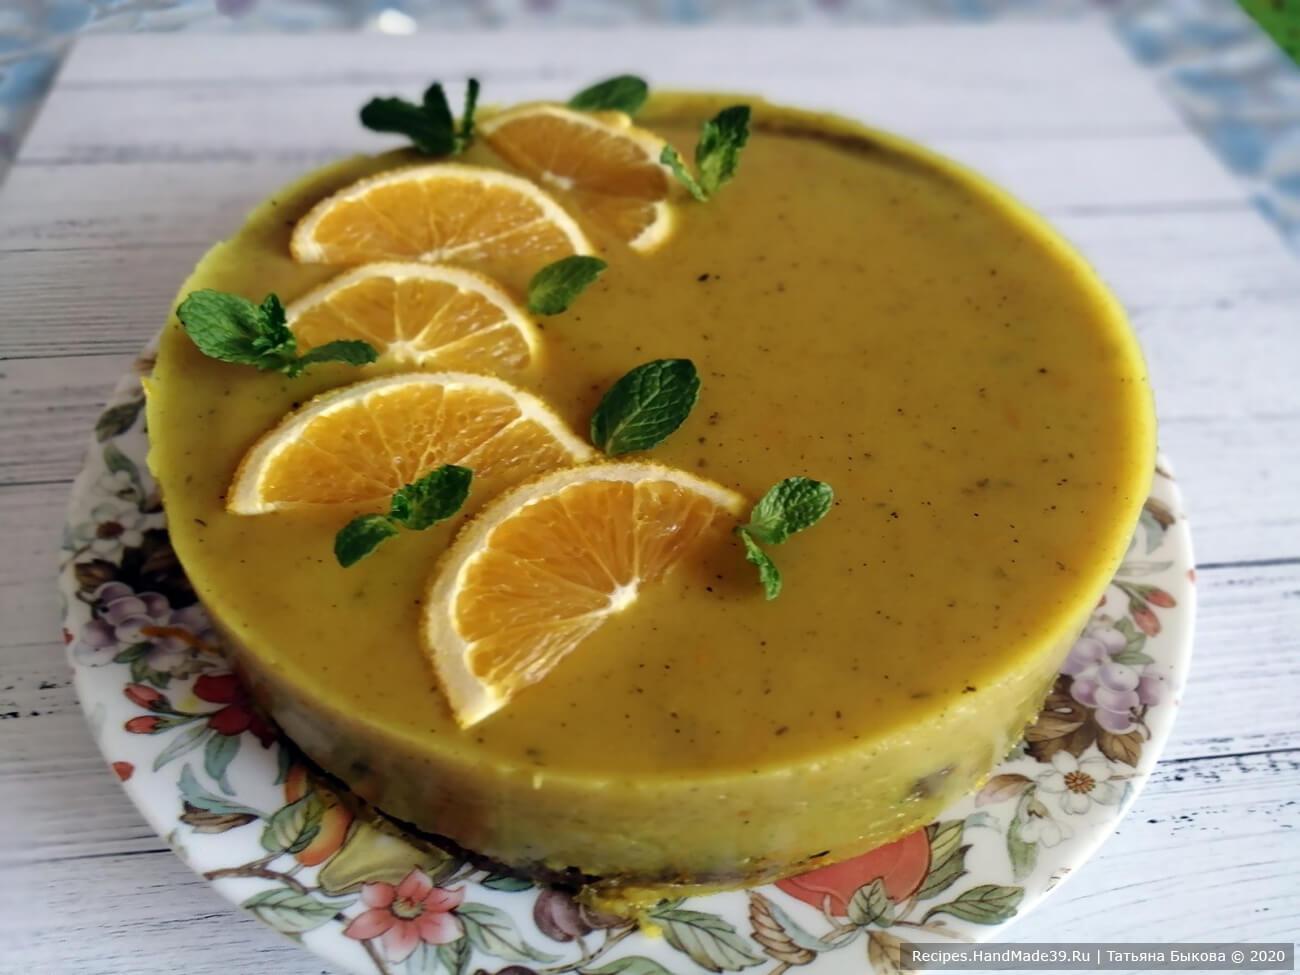 Залить половиной соуса суфле по бокам, охладить до застывания желе